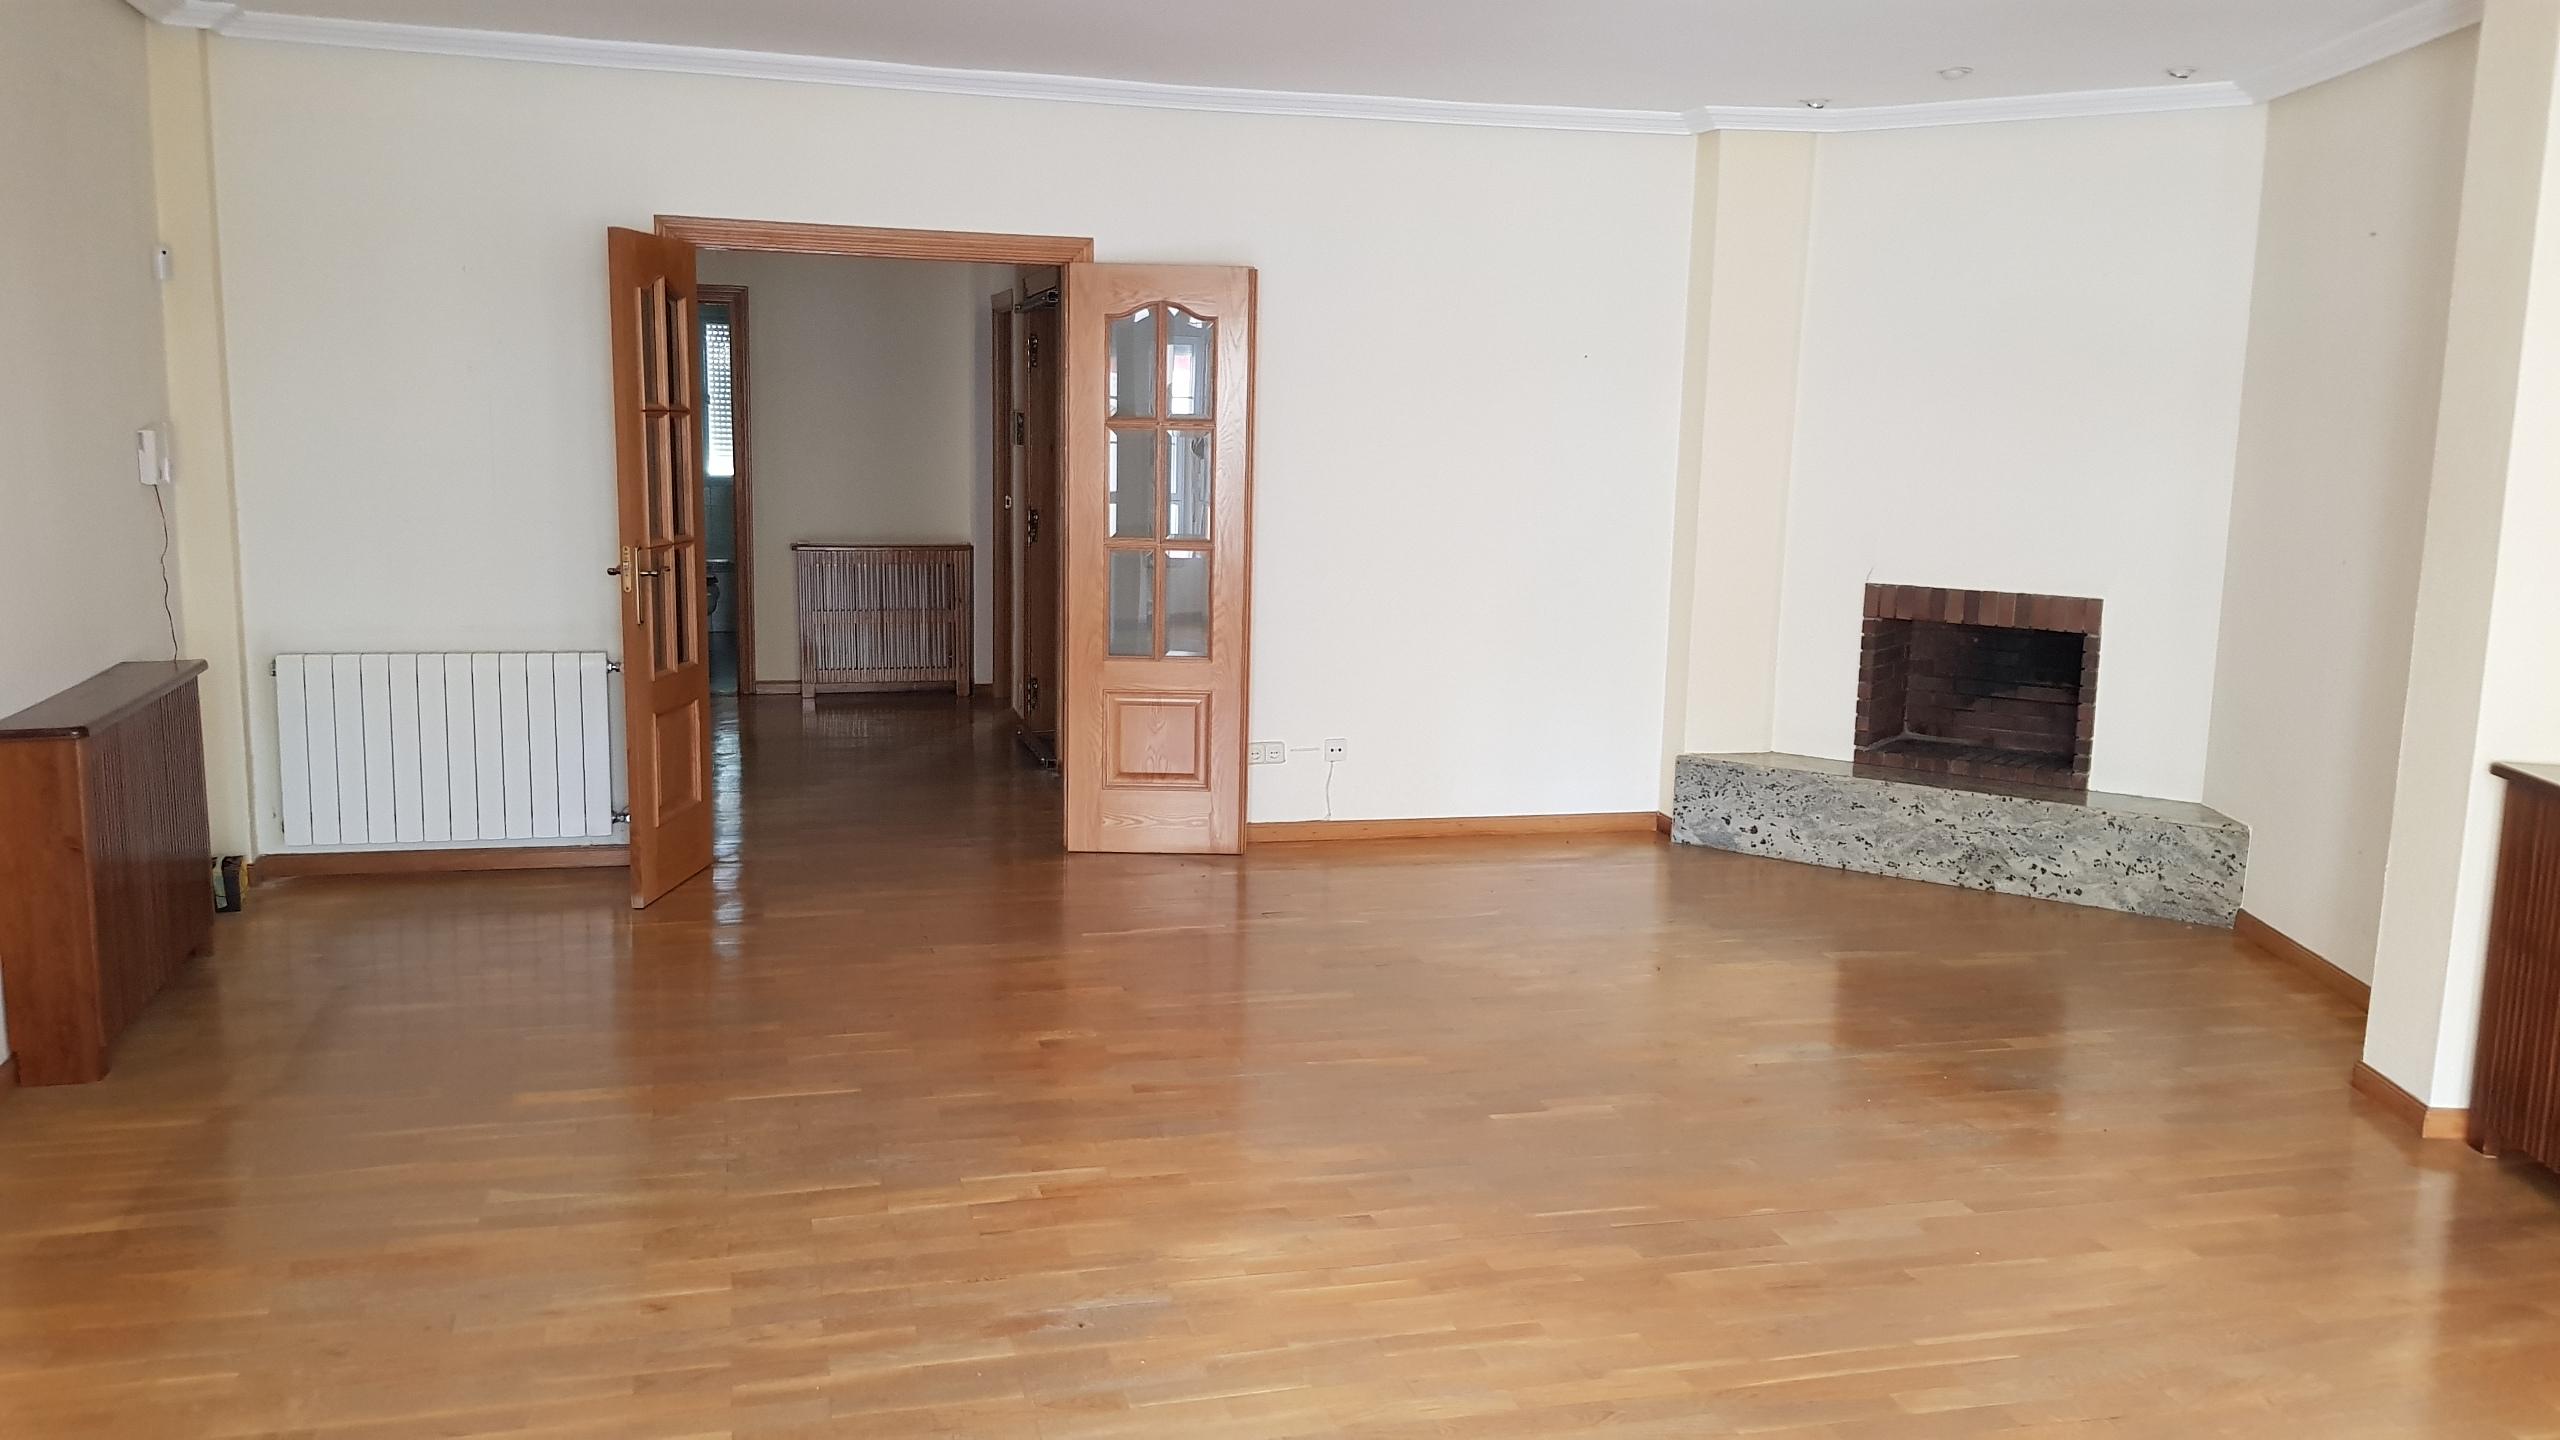 Piso en venta en Navalmoral de la Mata, Cáceres, Calle Rio Ebro, 148.000 €, 3 habitaciones, 2 baños, 159 m2